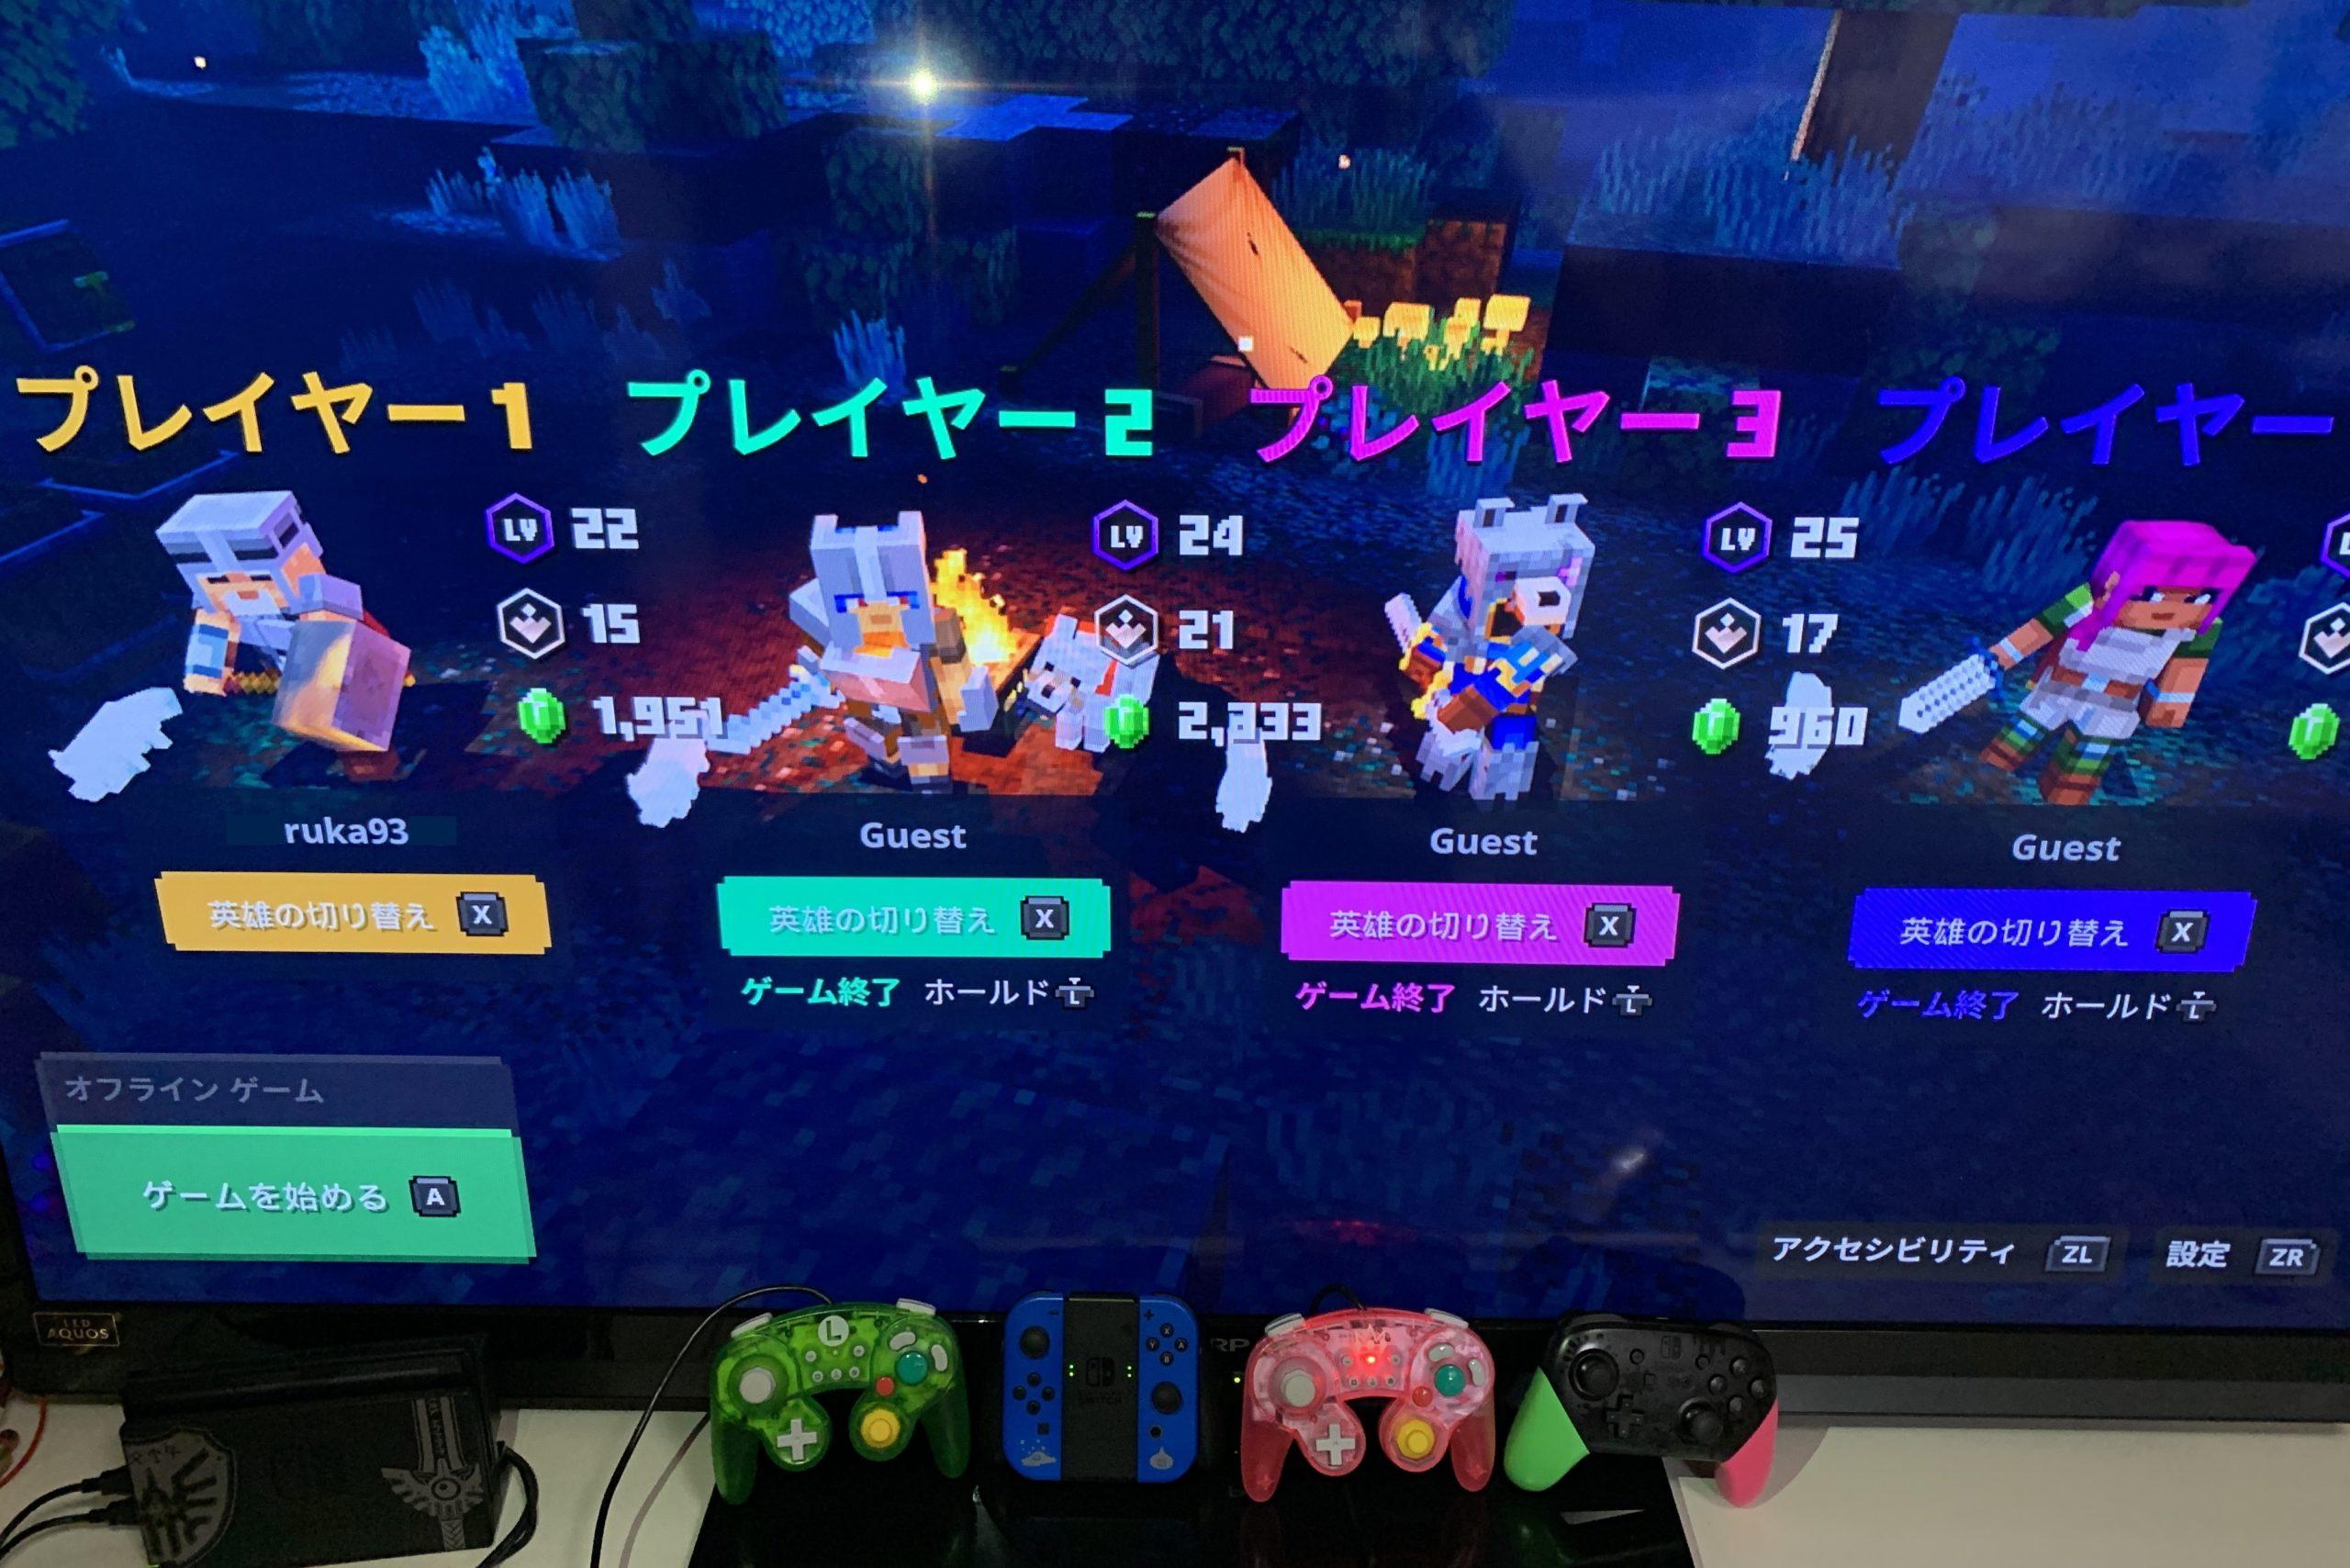 ダンジョン マイクラ 【マイクラダンジョン】DLC5 シークレットミッションの出し方一覧